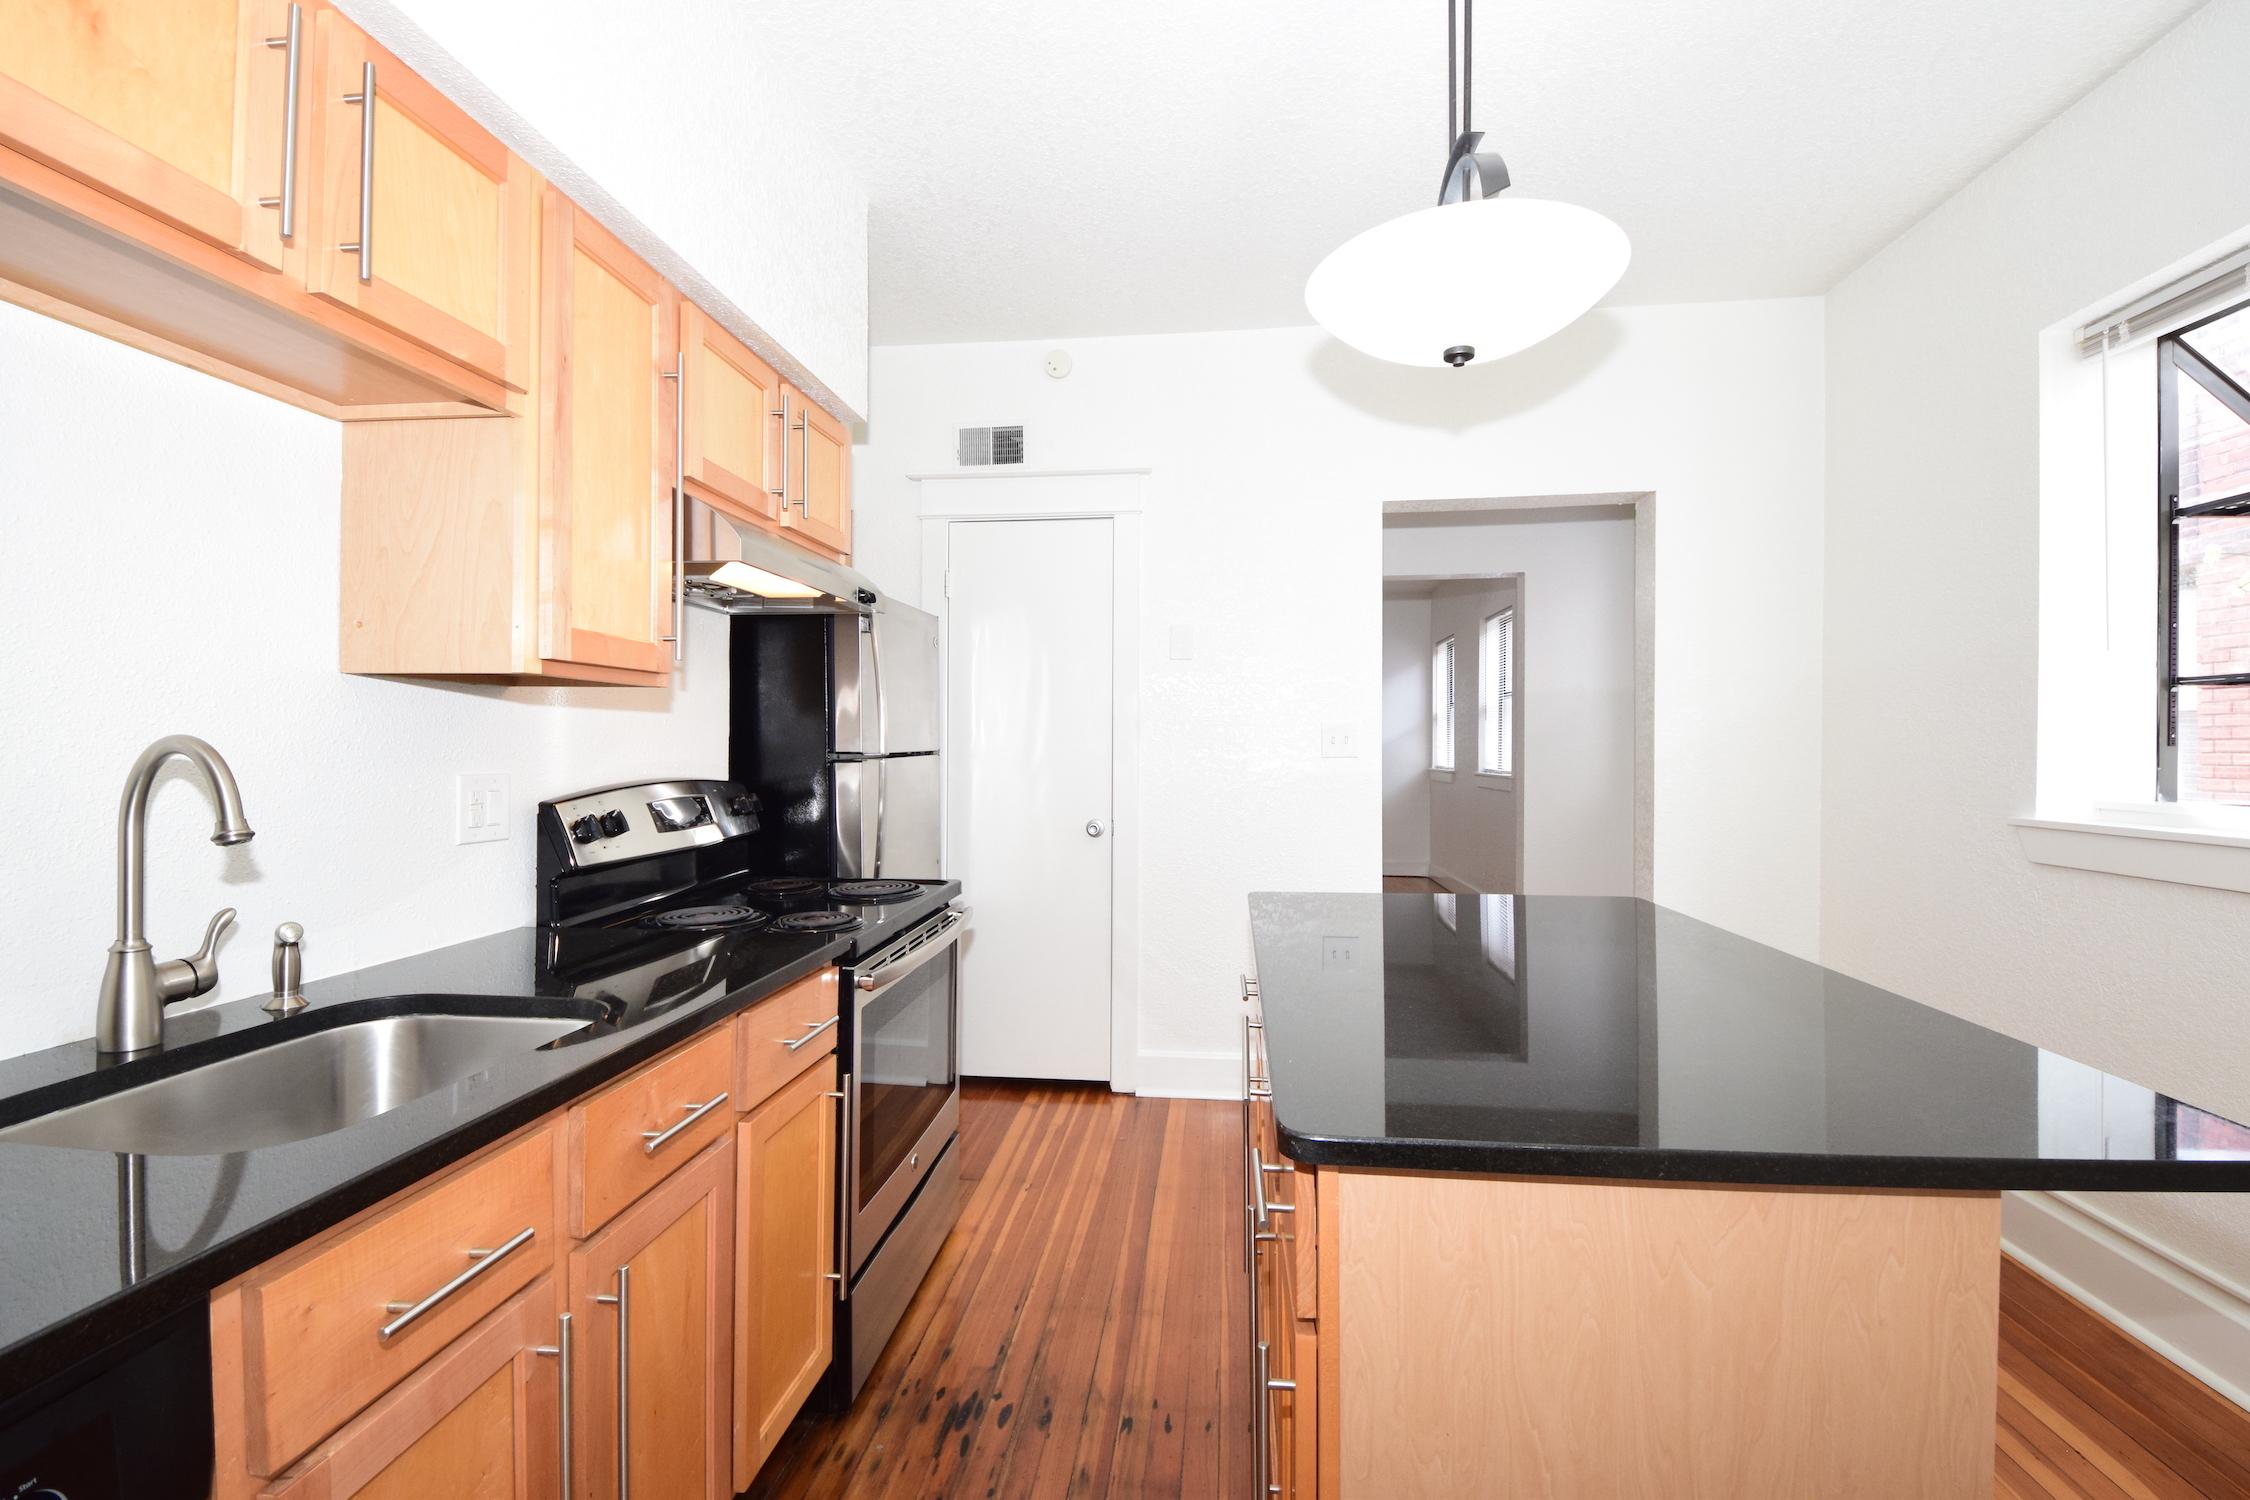 Kitchen 11' x 11.5'